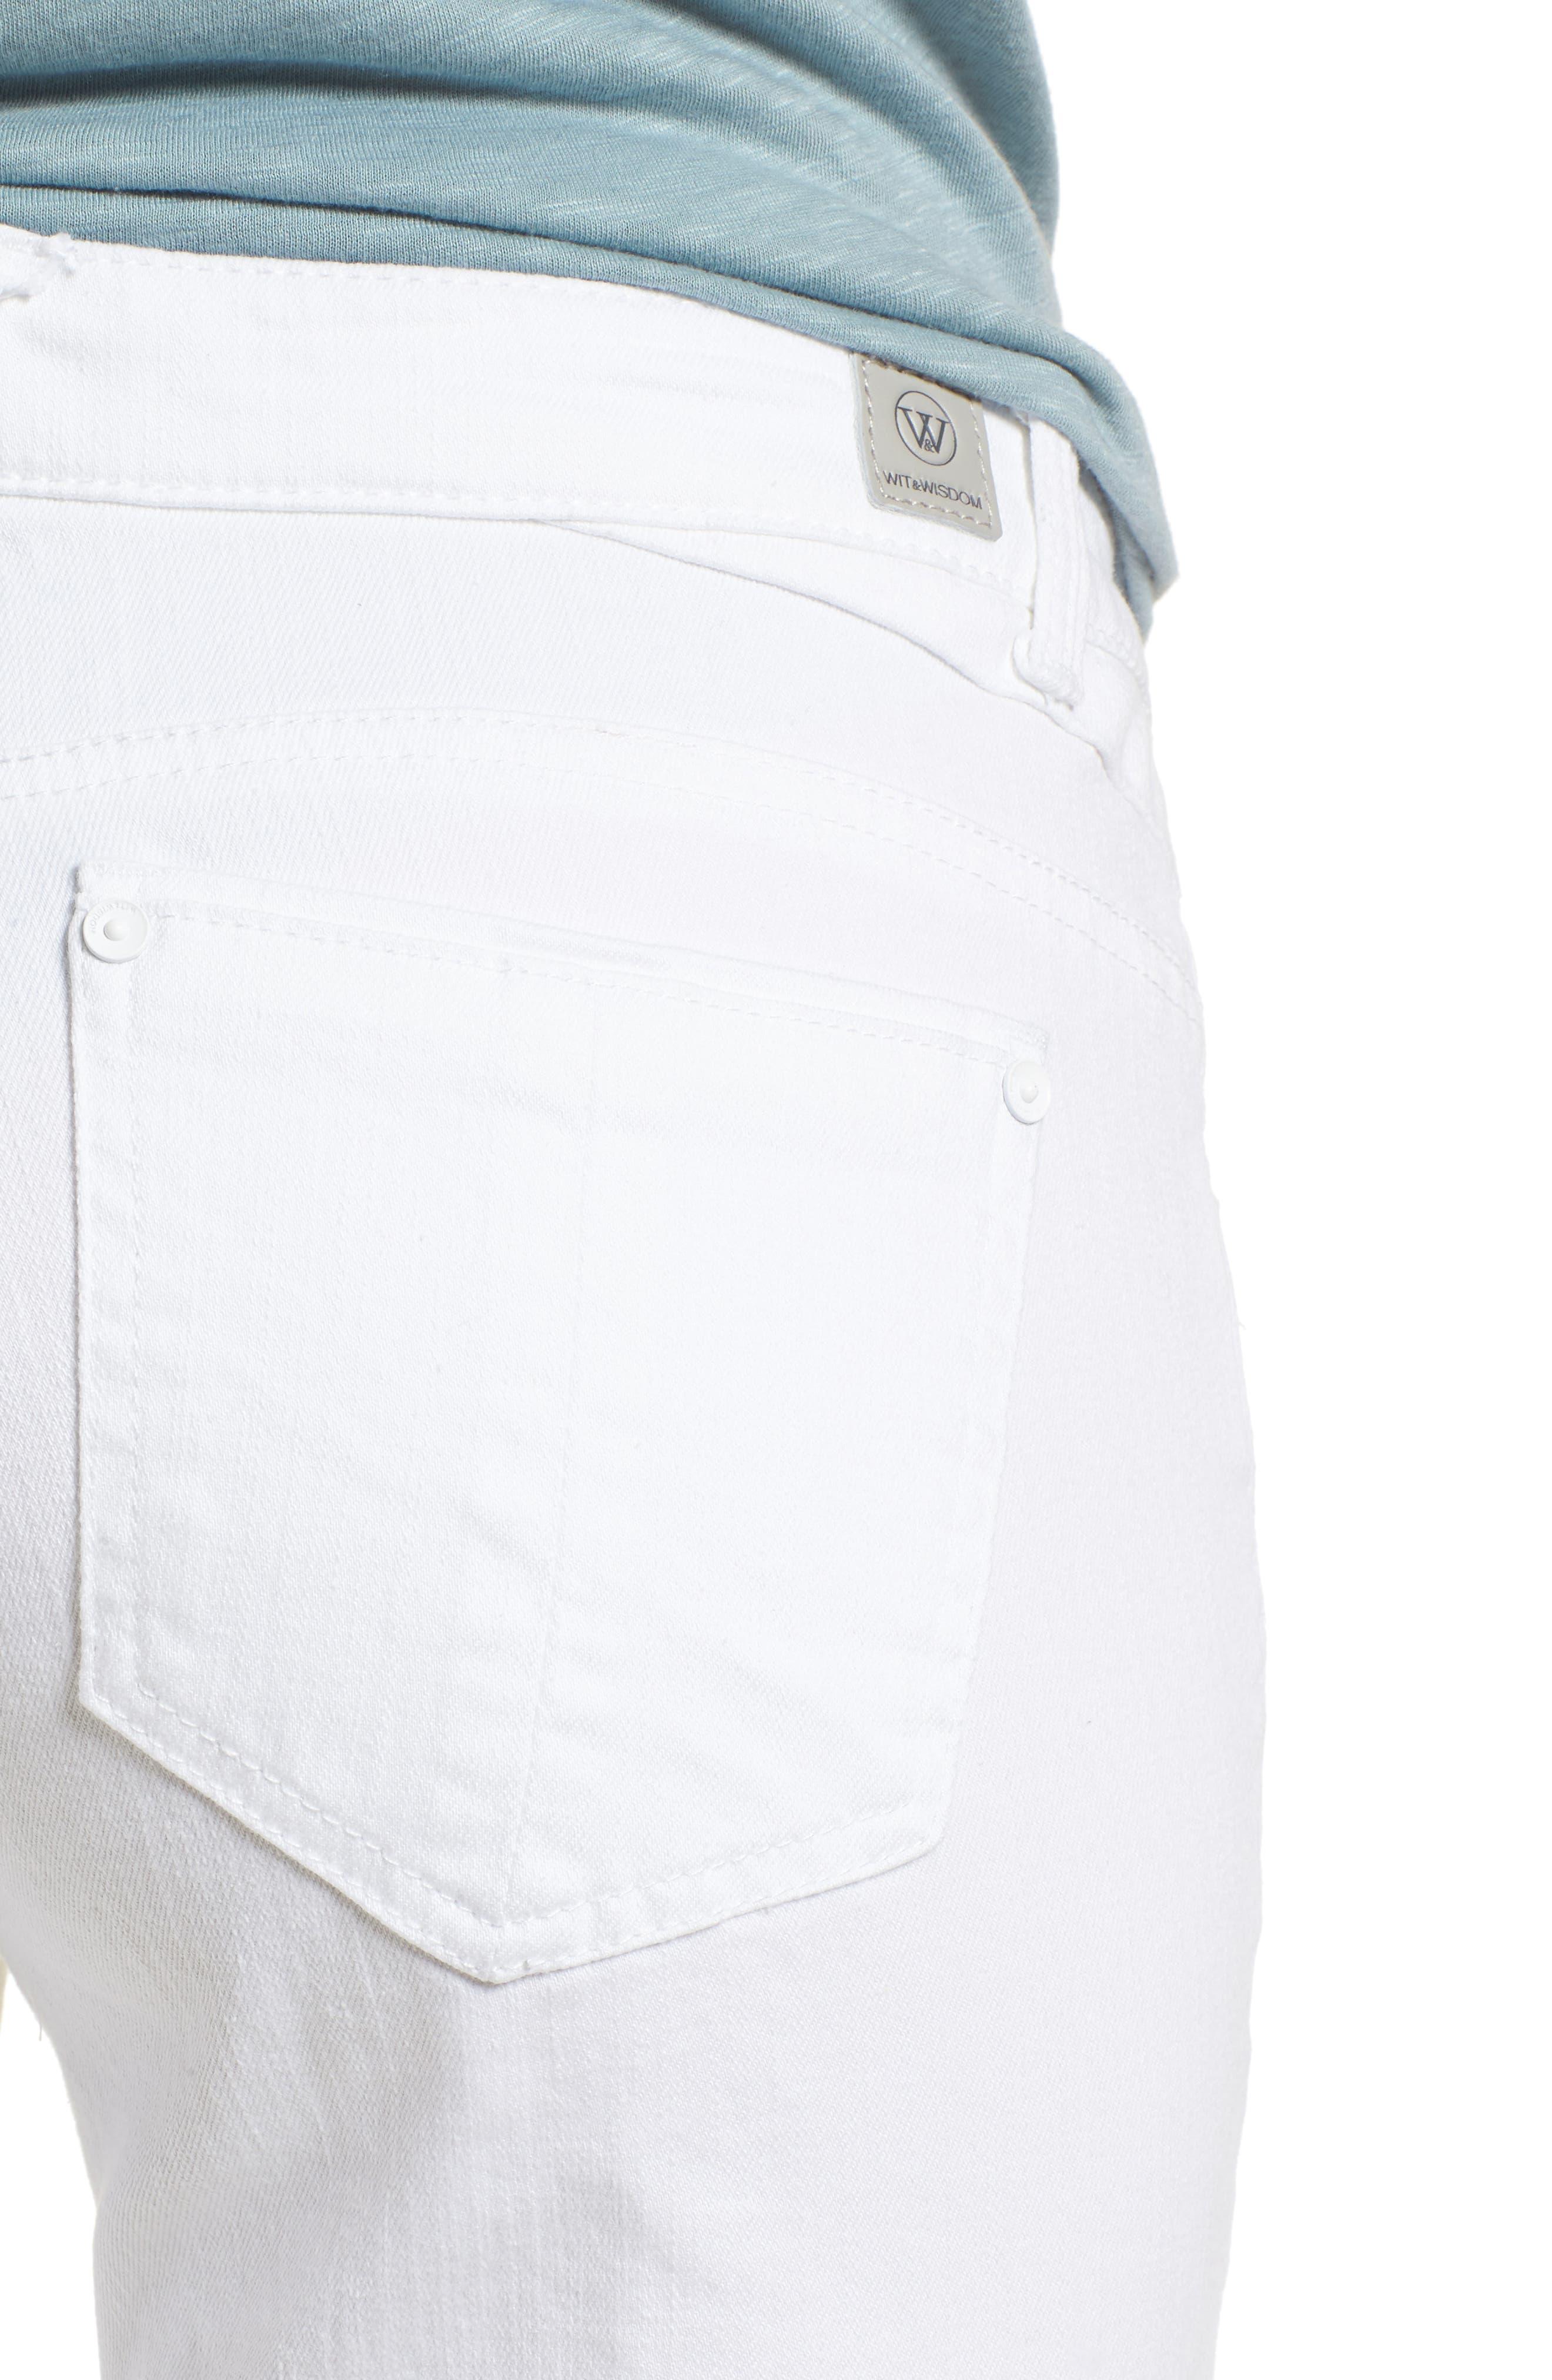 Flex-ellent Cuffed Boyfriend Jeans,                             Alternate thumbnail 4, color,                             Optic White